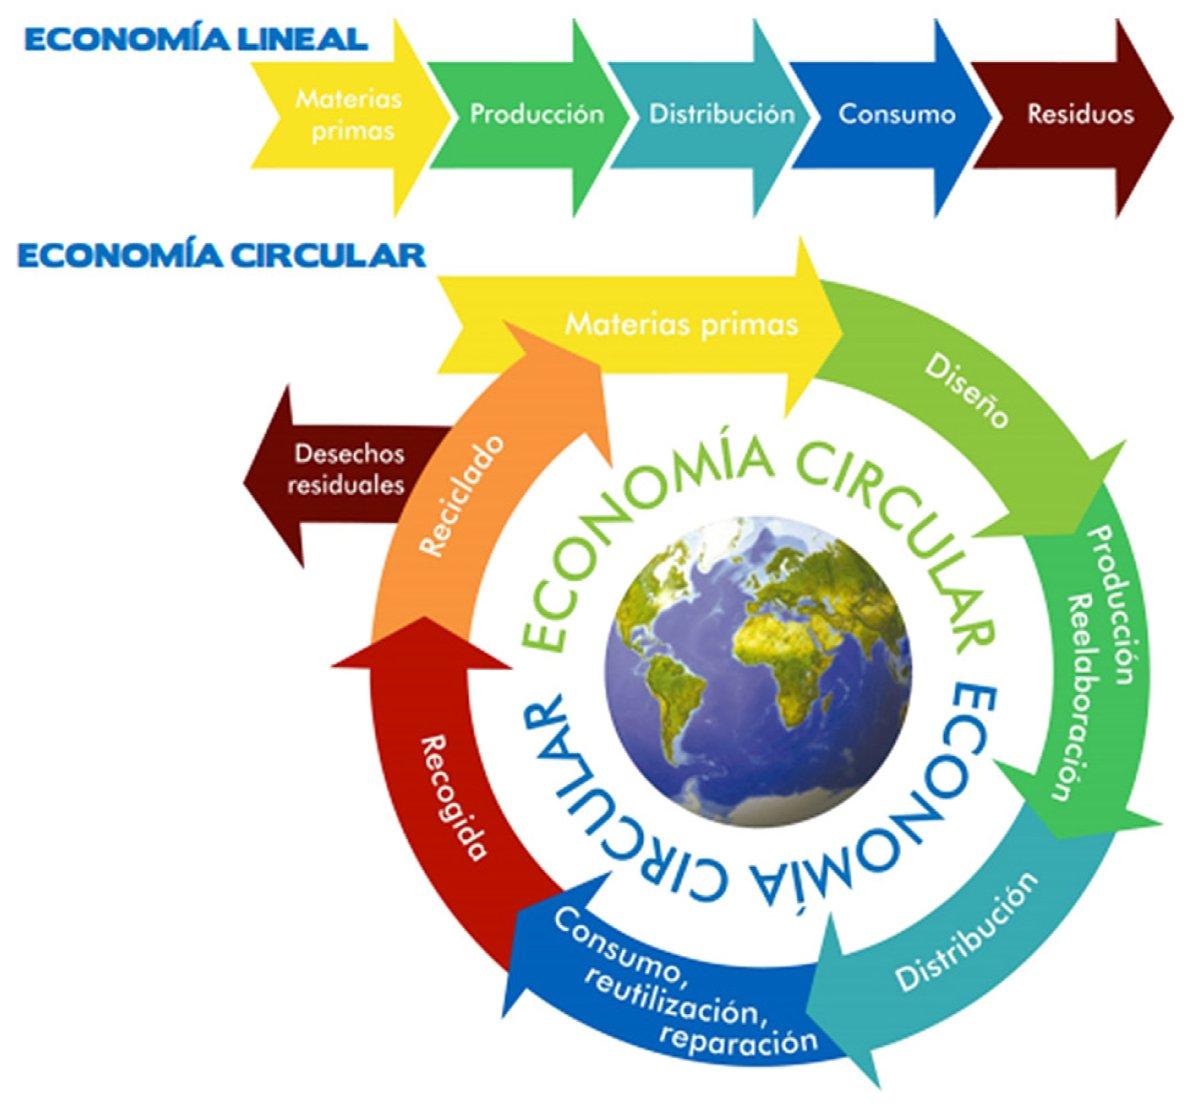 """Facultad de Contaduría y Administración - UNAM on Twitter: """"Economía lineal  vs economía circular El modelo de economía actual tiene como objetivo  principal el consumo;Actualmente, las organizaciones deben entender que es  necesario"""